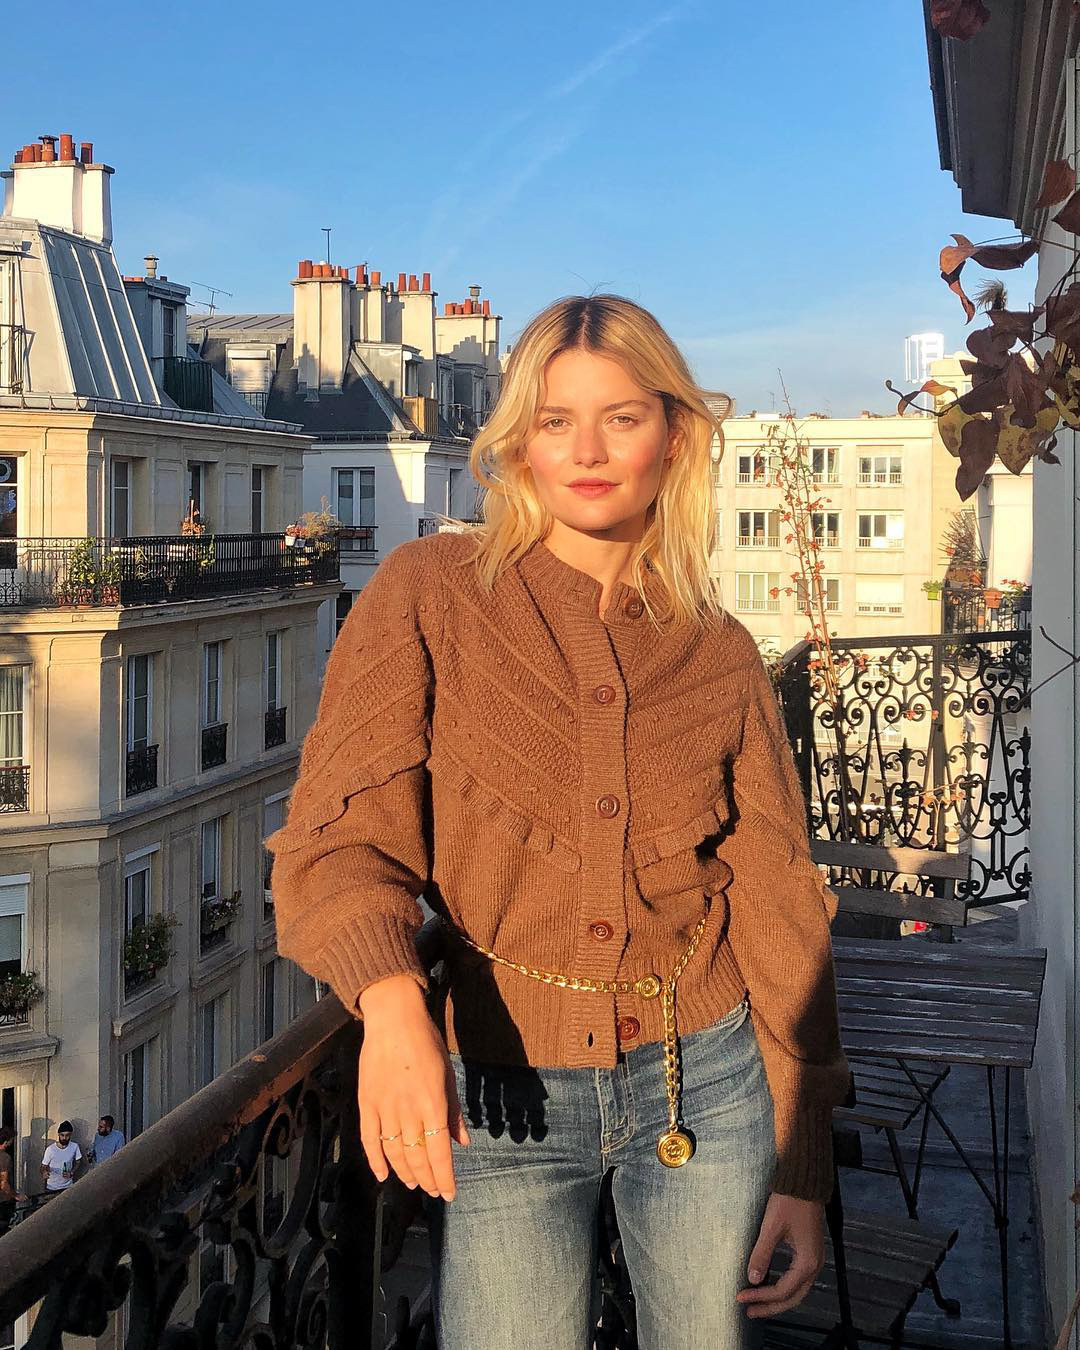 Không thể kìm lòng trước 5 cách diện áo len đẹp xỉu của phụ nữ Pháp, bạn sẽ muốn áp dụng bằng hết mới được - Ảnh 1